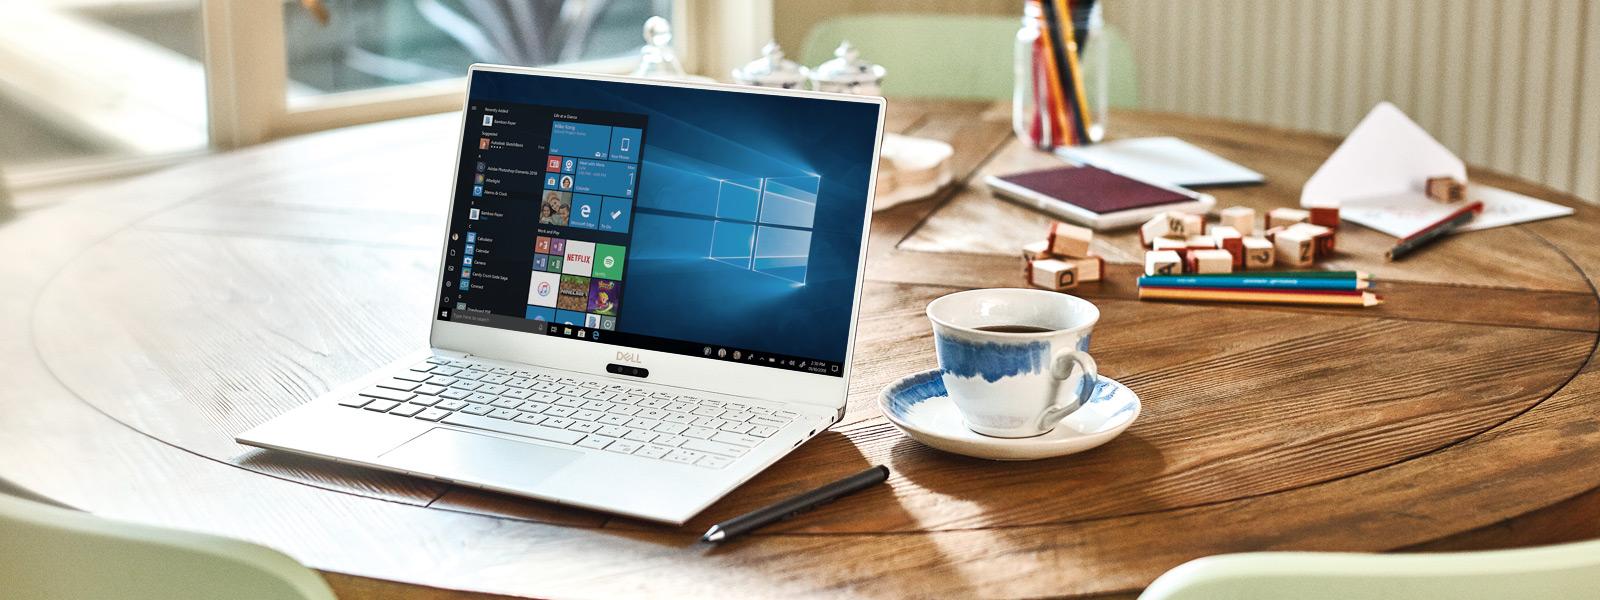 """Ant stalo stovi atverstas """"Dell XPS 13 9370"""", kuriame matomas """"Windows 10"""" pradžios ekranas."""